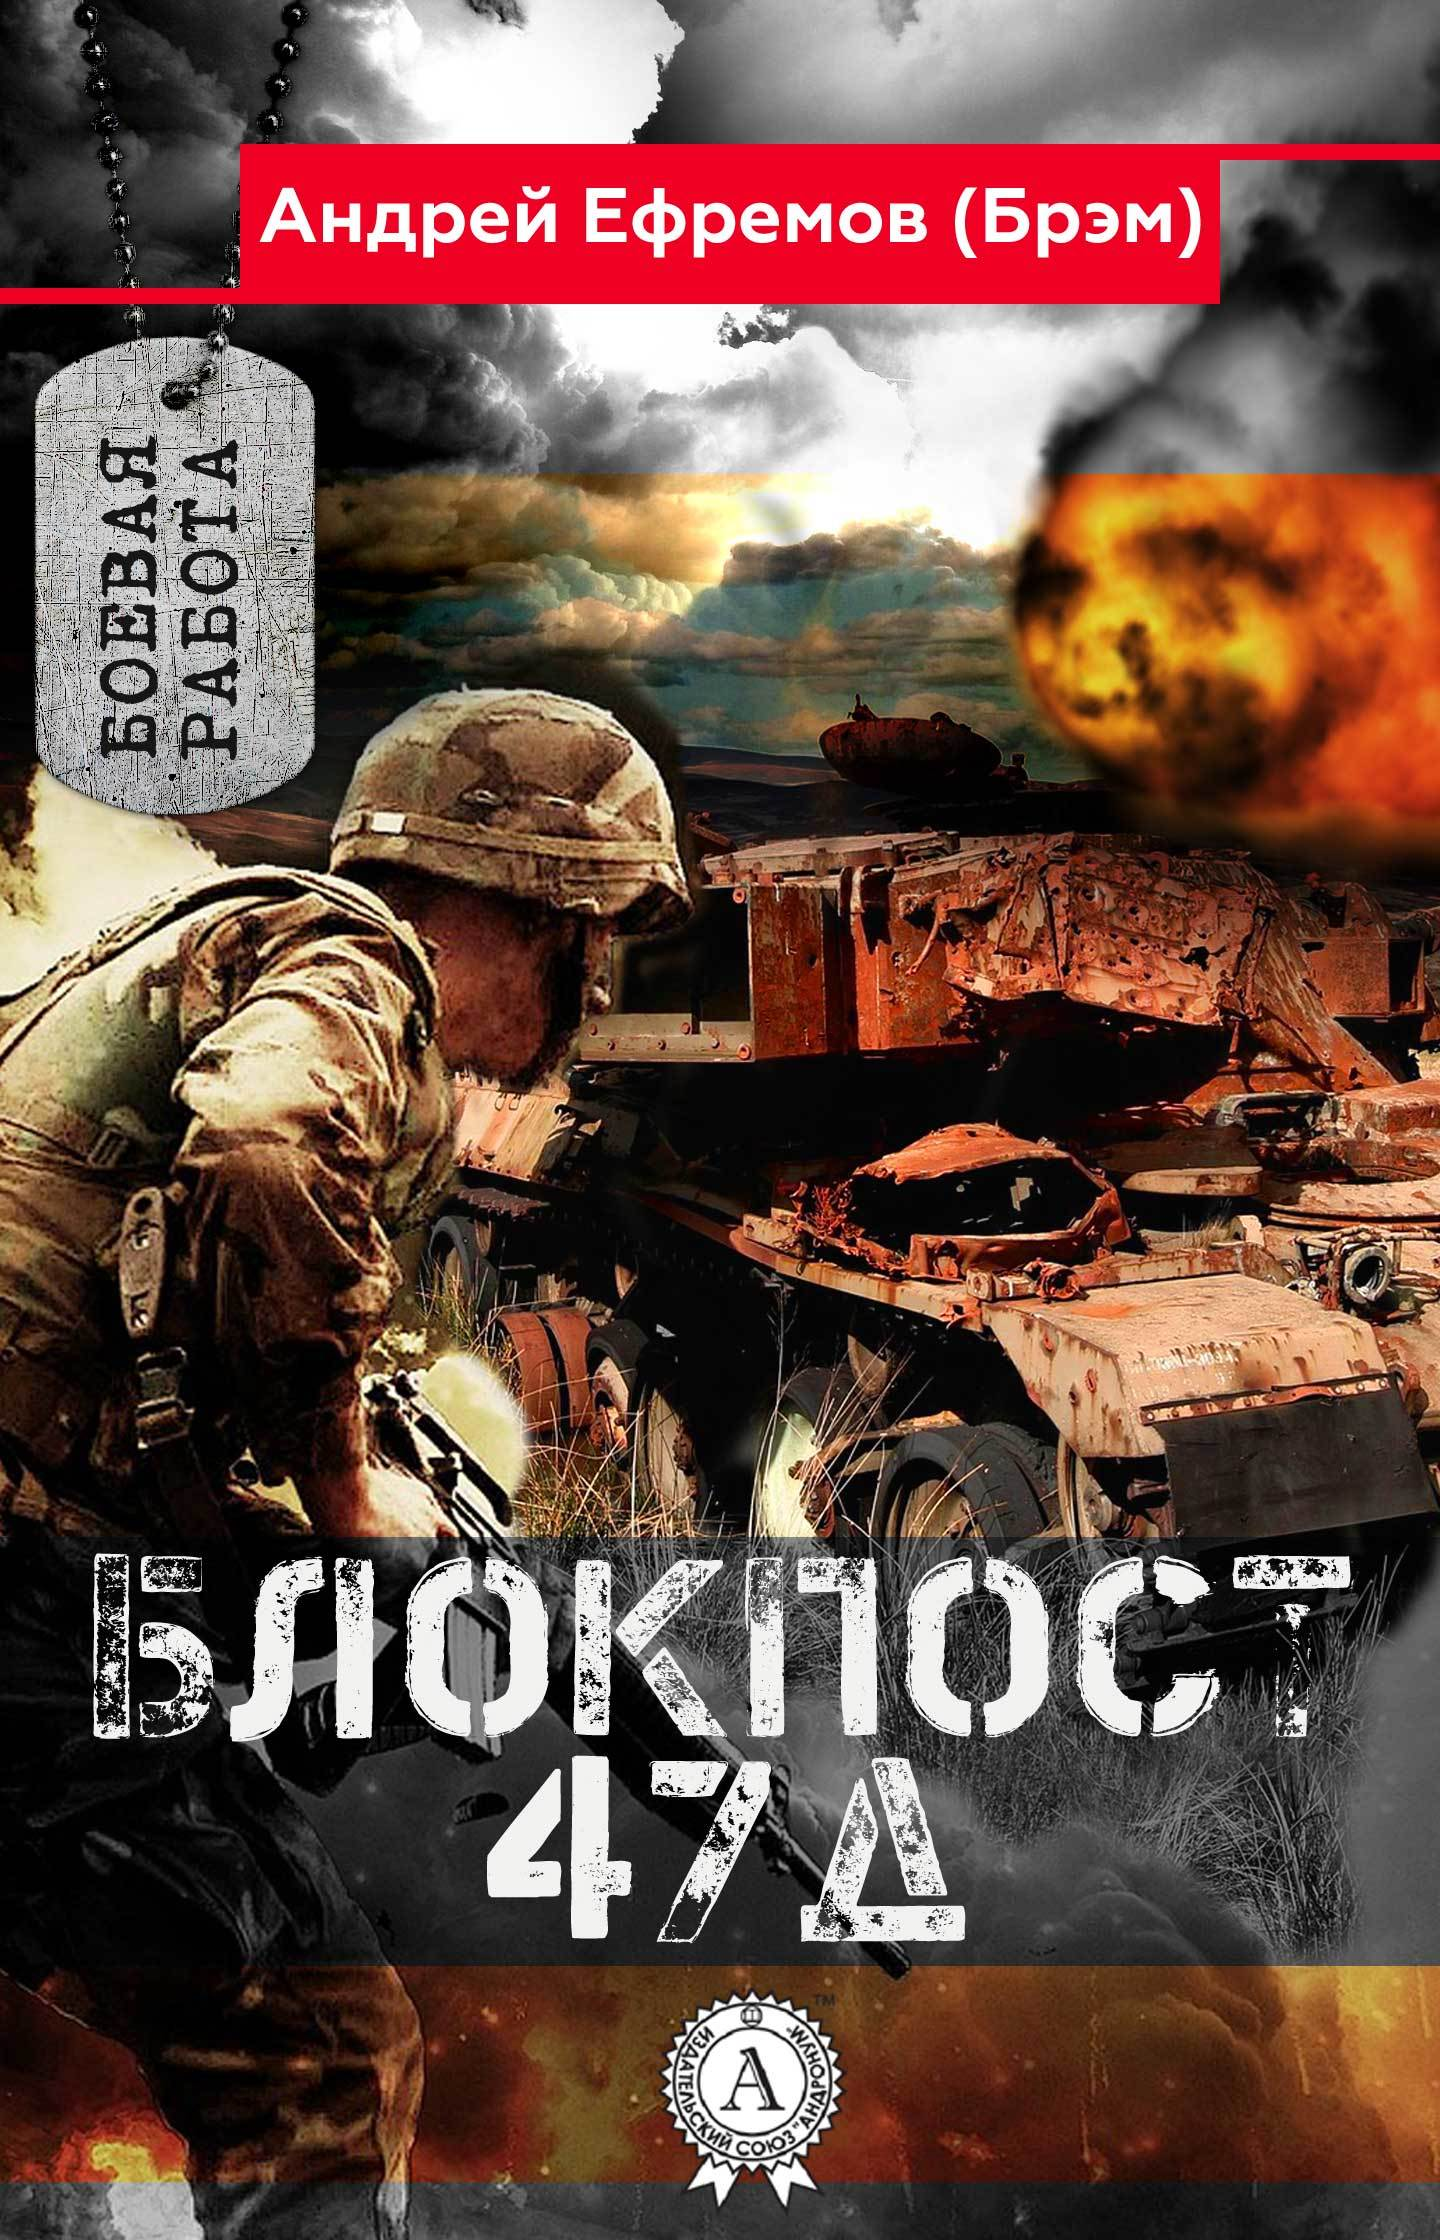 Андрей Ефремов (Брэм) Блокпост-47Д лидия сычева последний блокпост